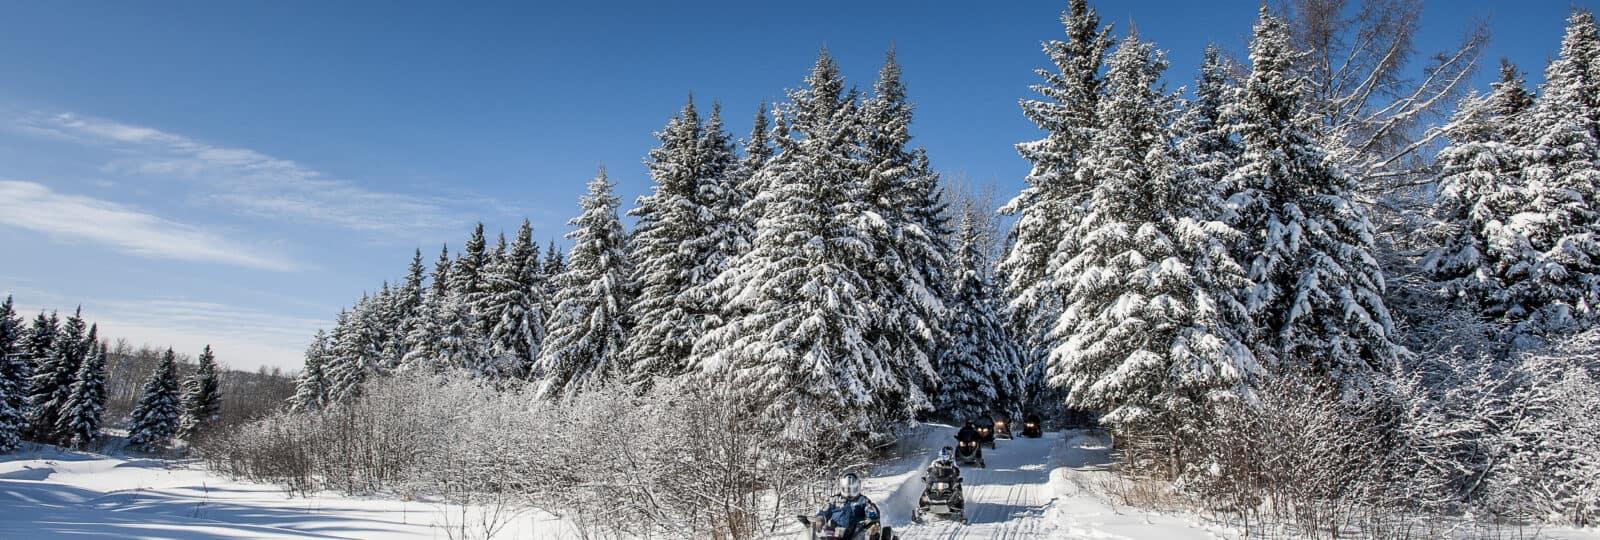 Winter in Kanada - Mit dem Snowmobil unterwegs